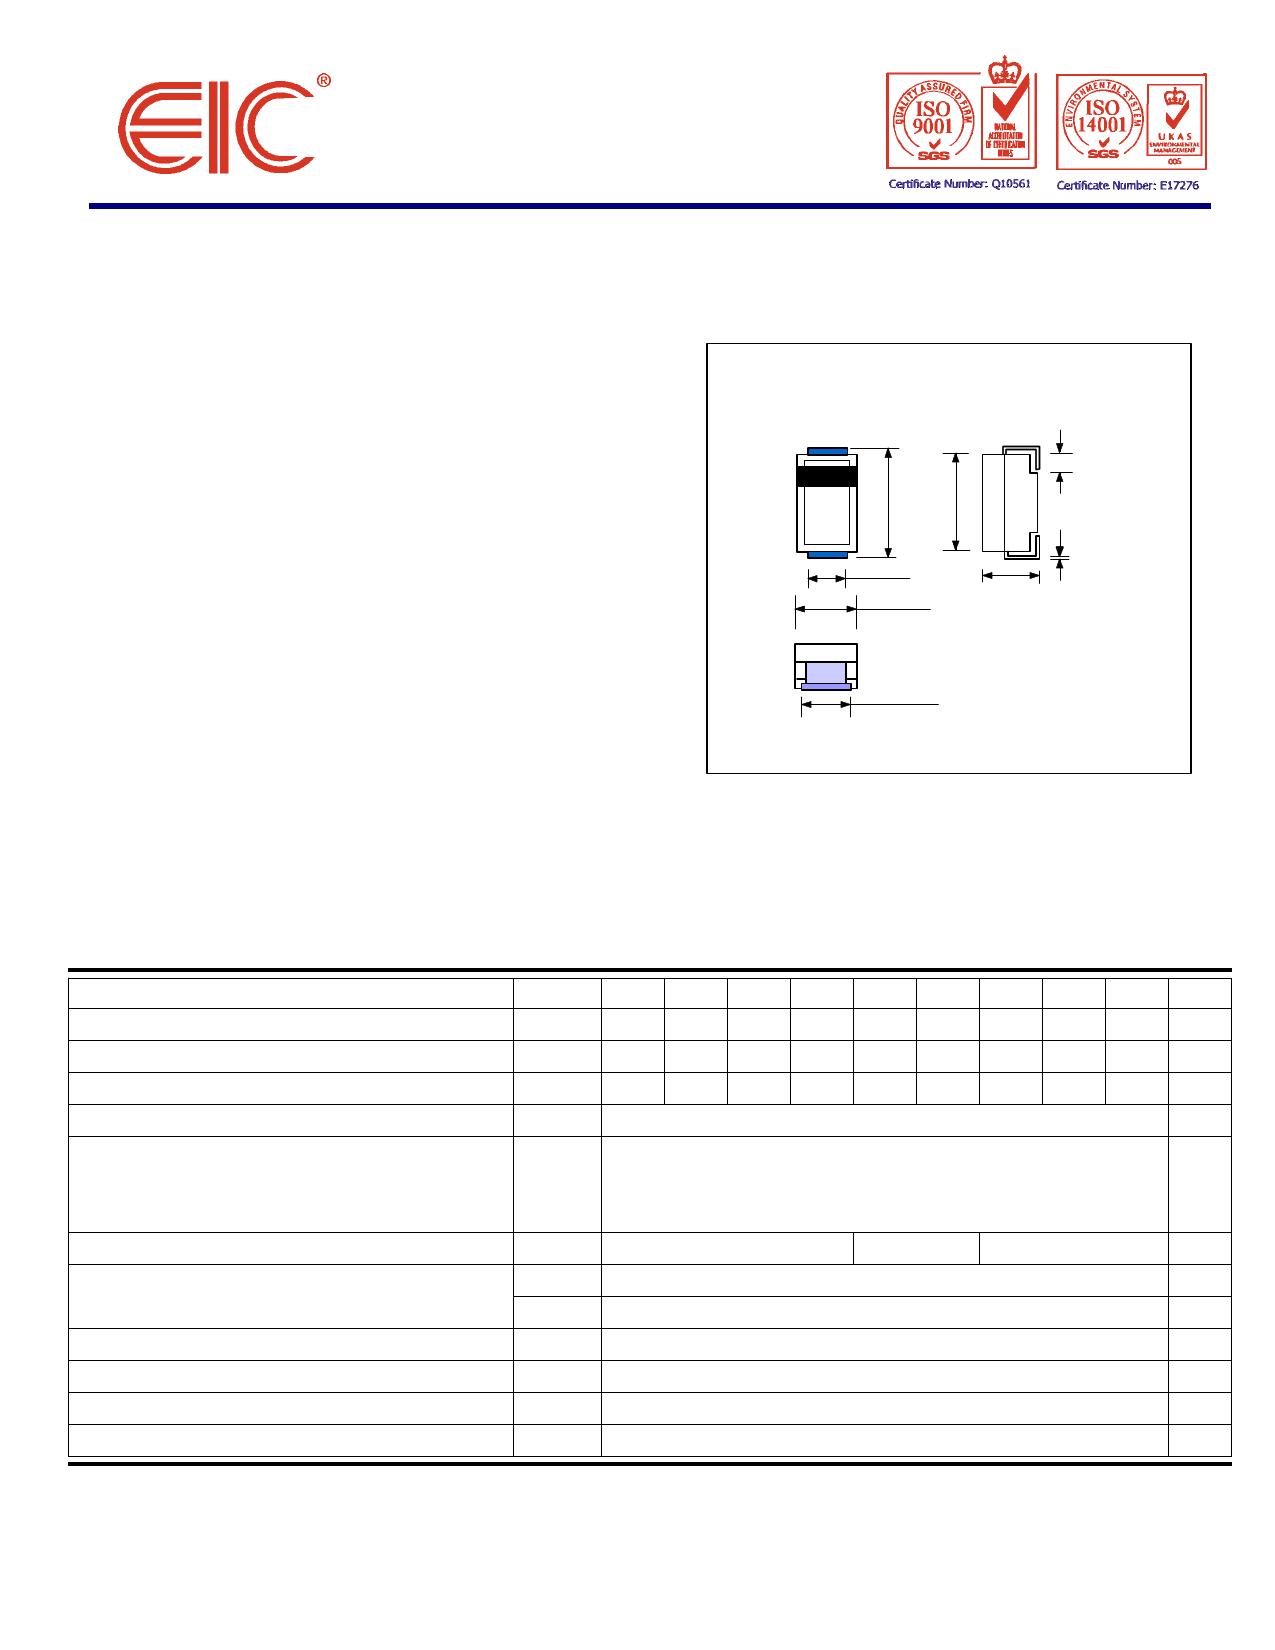 SS1E datasheet